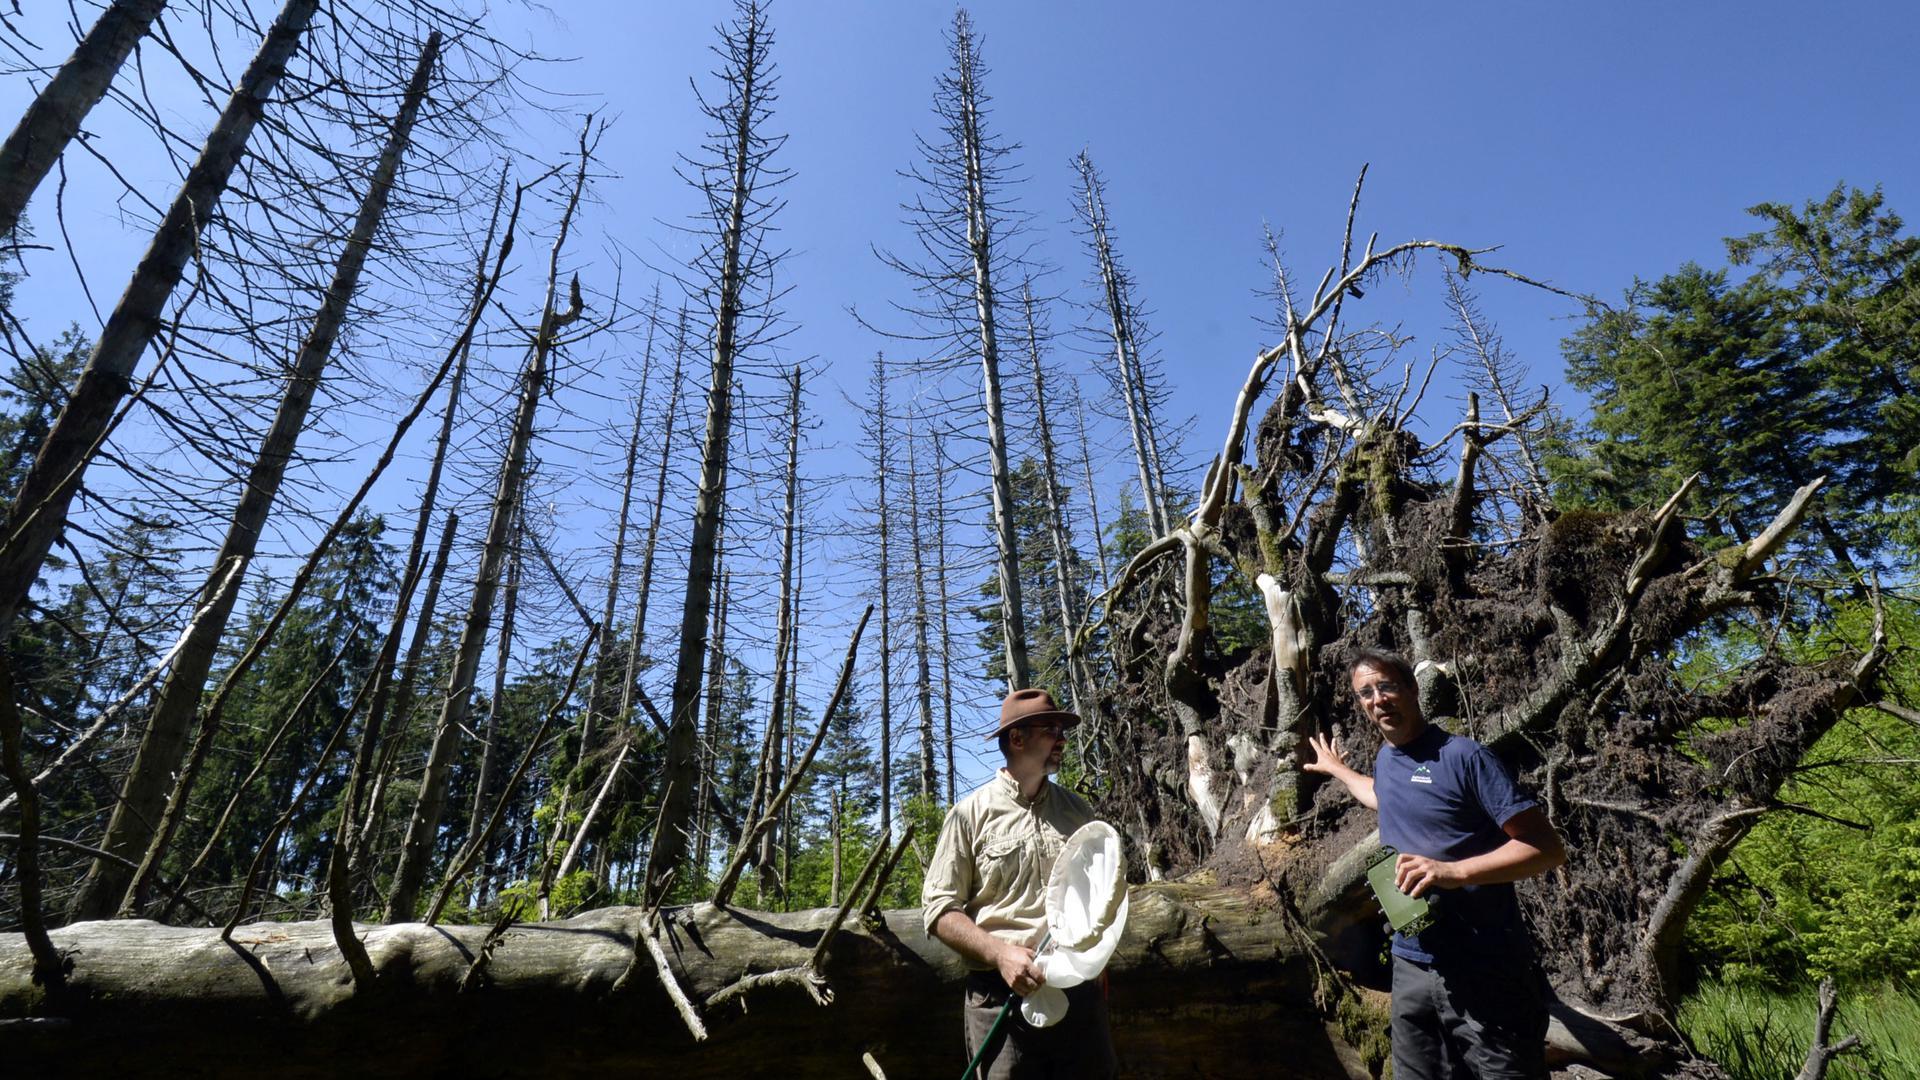 Jörn Buse, Sachbereichsleiter für wirbellose Tiere und Biodiversität im Nationalpark (links), und Marc Förschler, Leiter des Fachbereichs Ökologisches Monitoring, Forschung und Artenschutz.